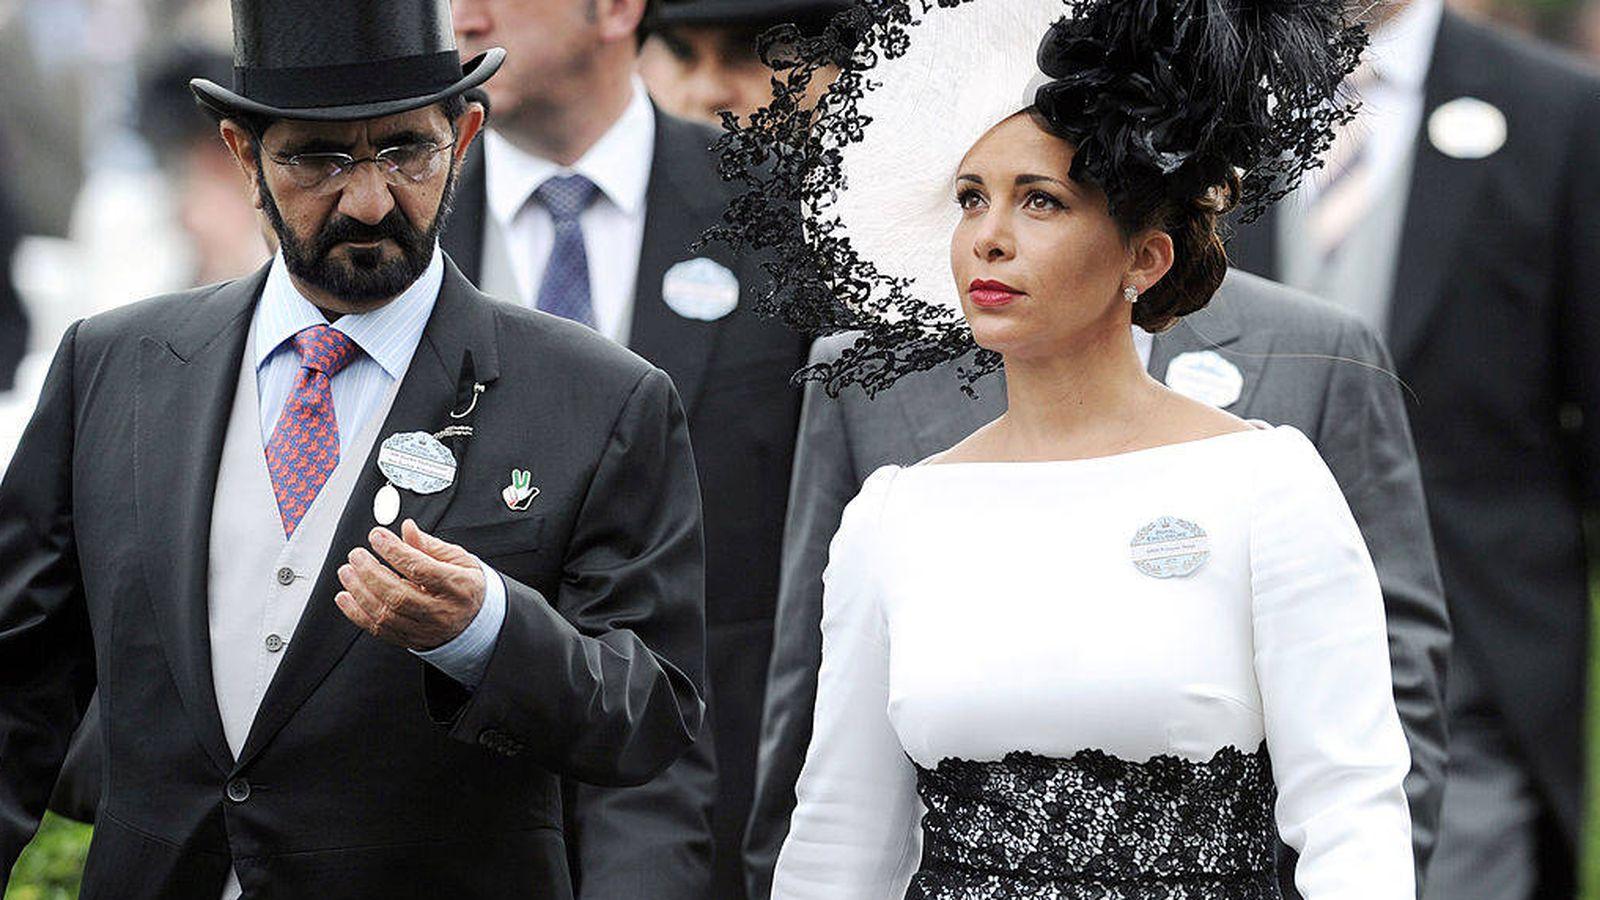 Foto: La princesa Haya y su esposo, Sheikh Mohammed Bin Rashid Al Maktoum, en una imagen de archivo. (Getty)